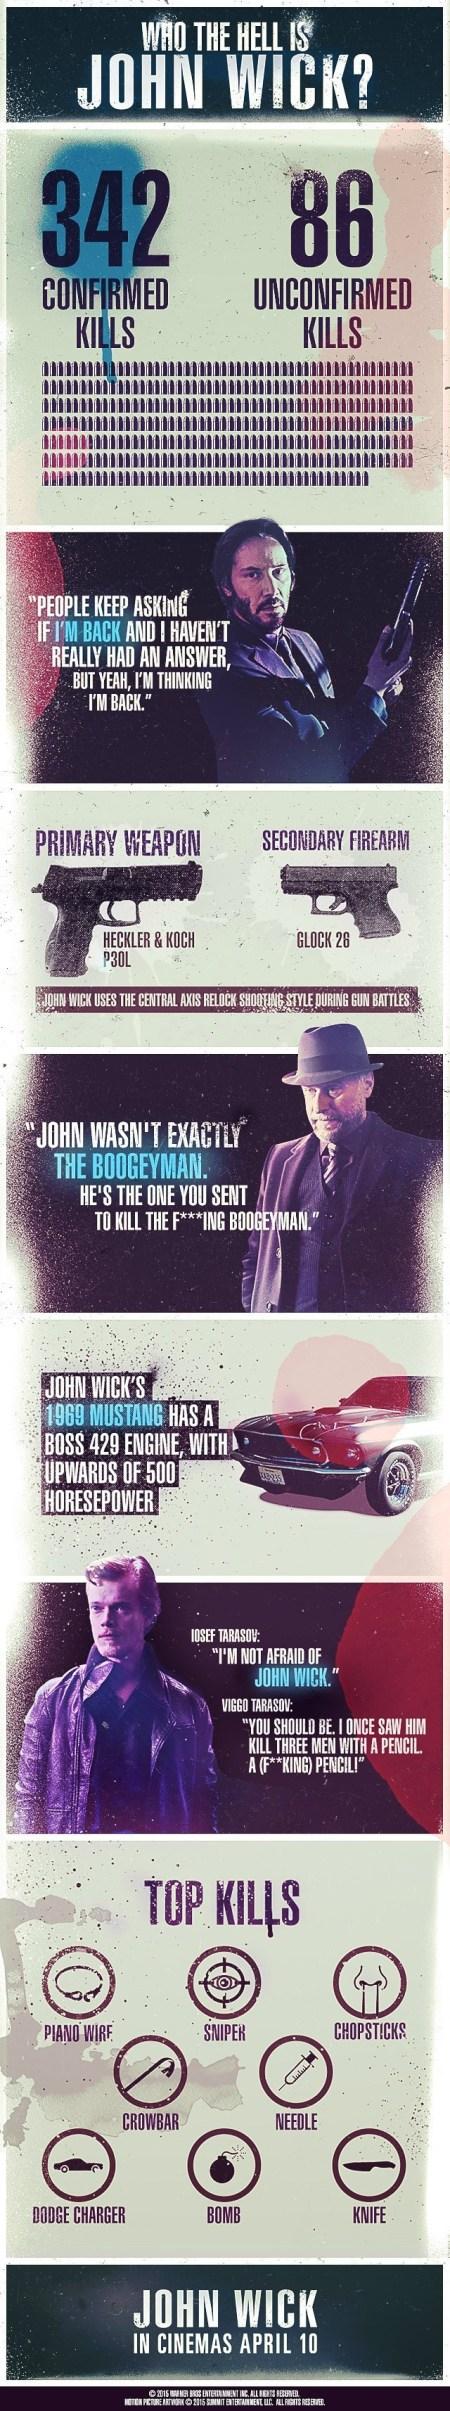 Who-Is-John-Wick